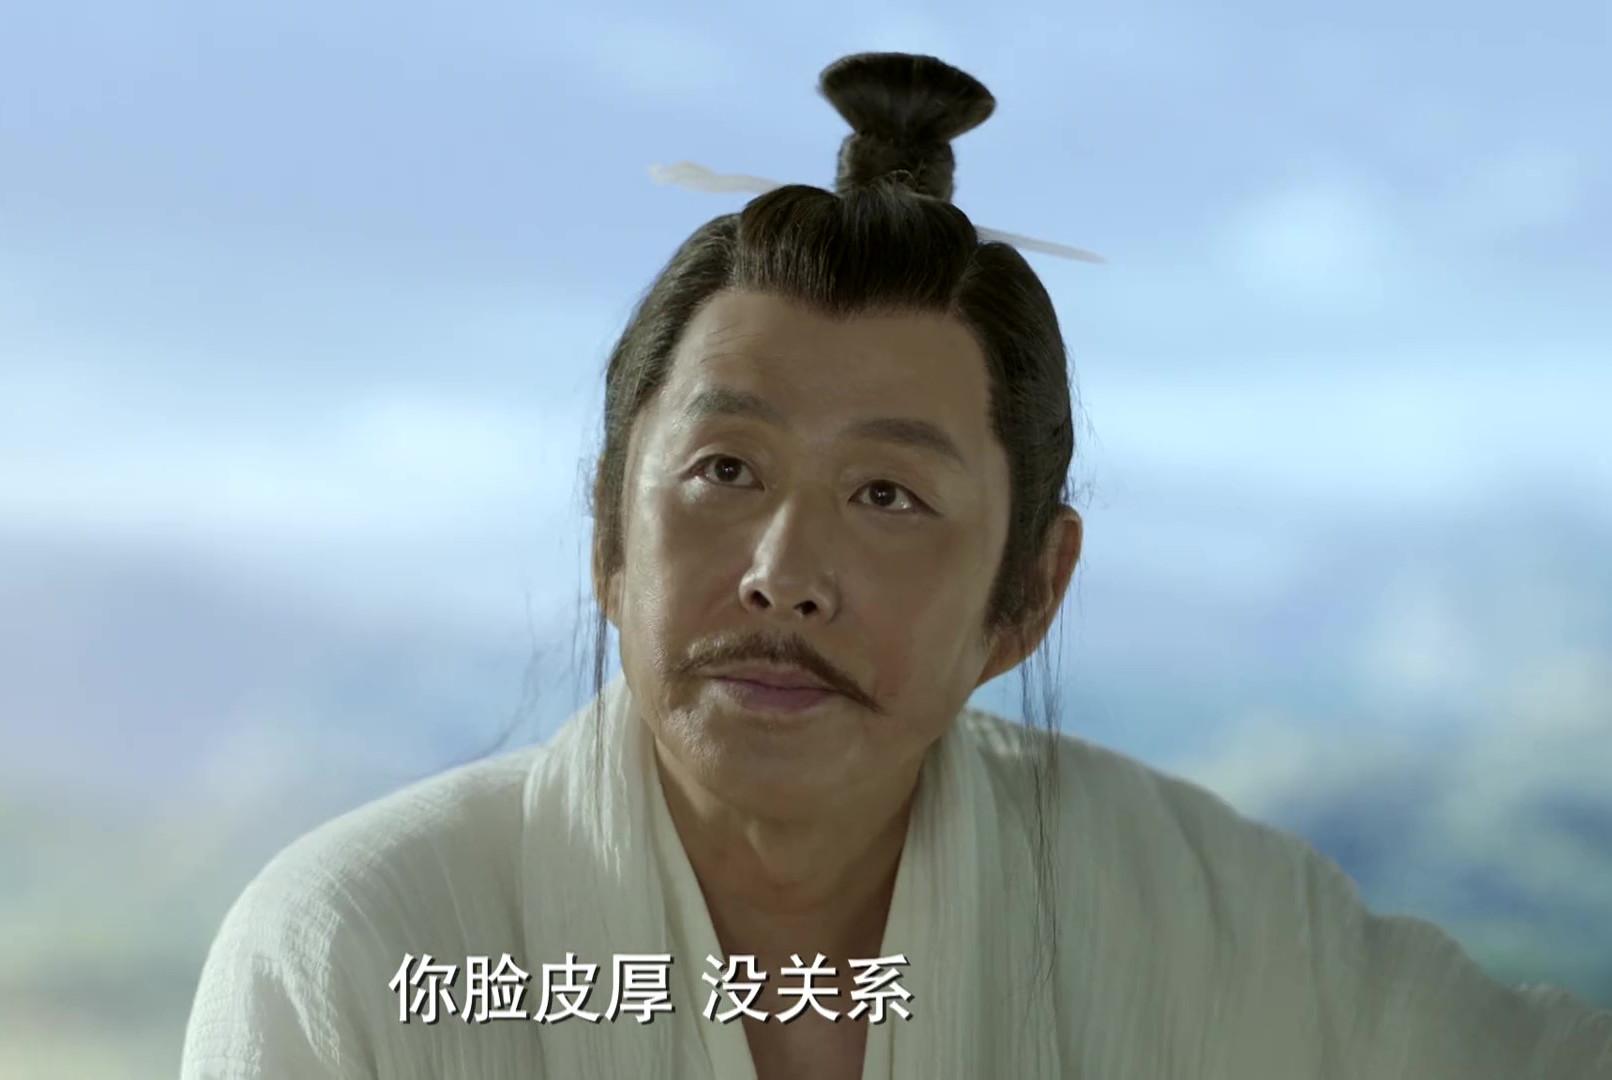 """《庆余年》庆帝调侃范闲脸皮厚,范闲自称""""我嘴欠"""""""